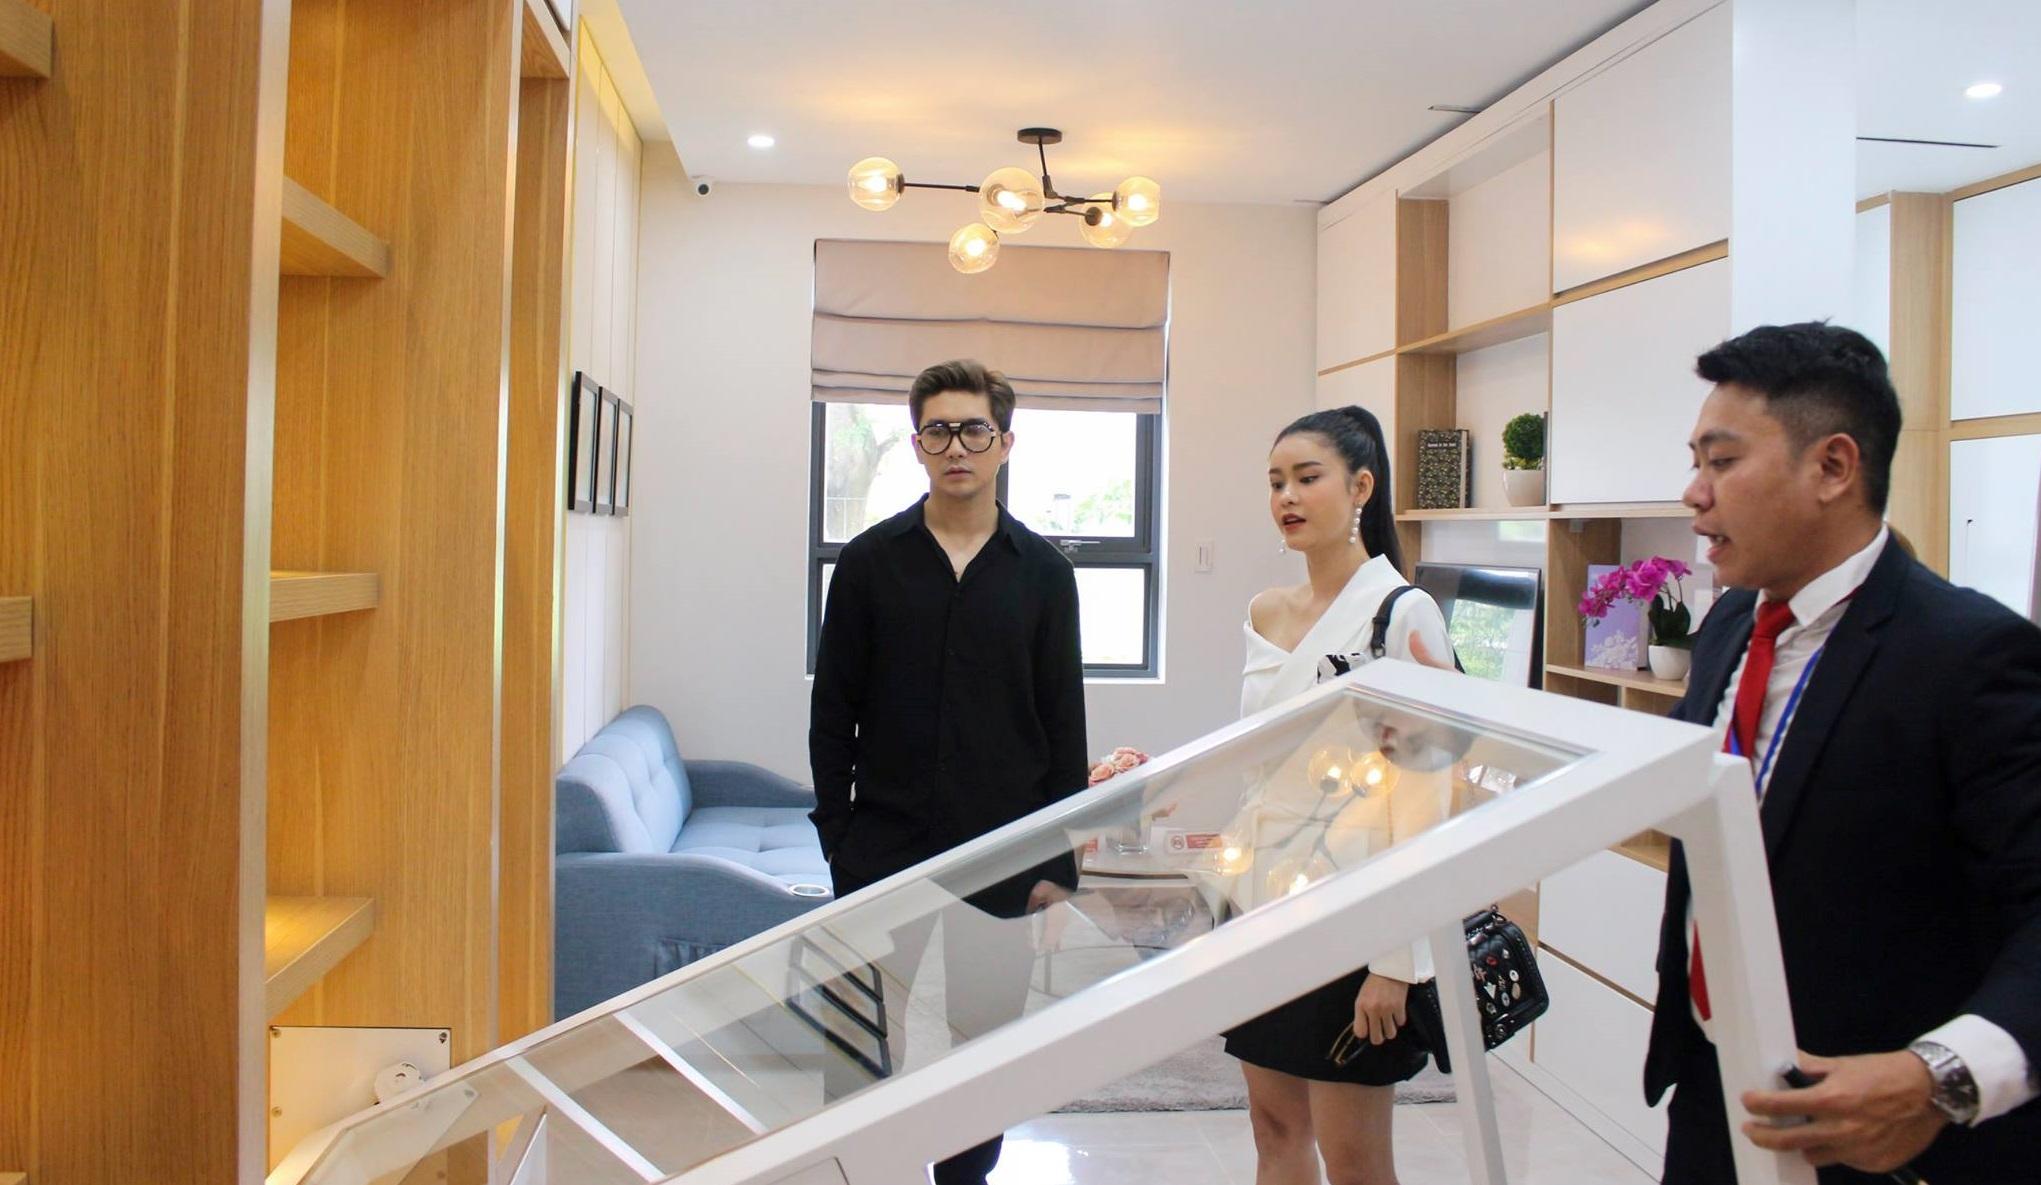 Nhiều chính sách hỗ trợ mua nhà Sài Gòn cho người trẻ